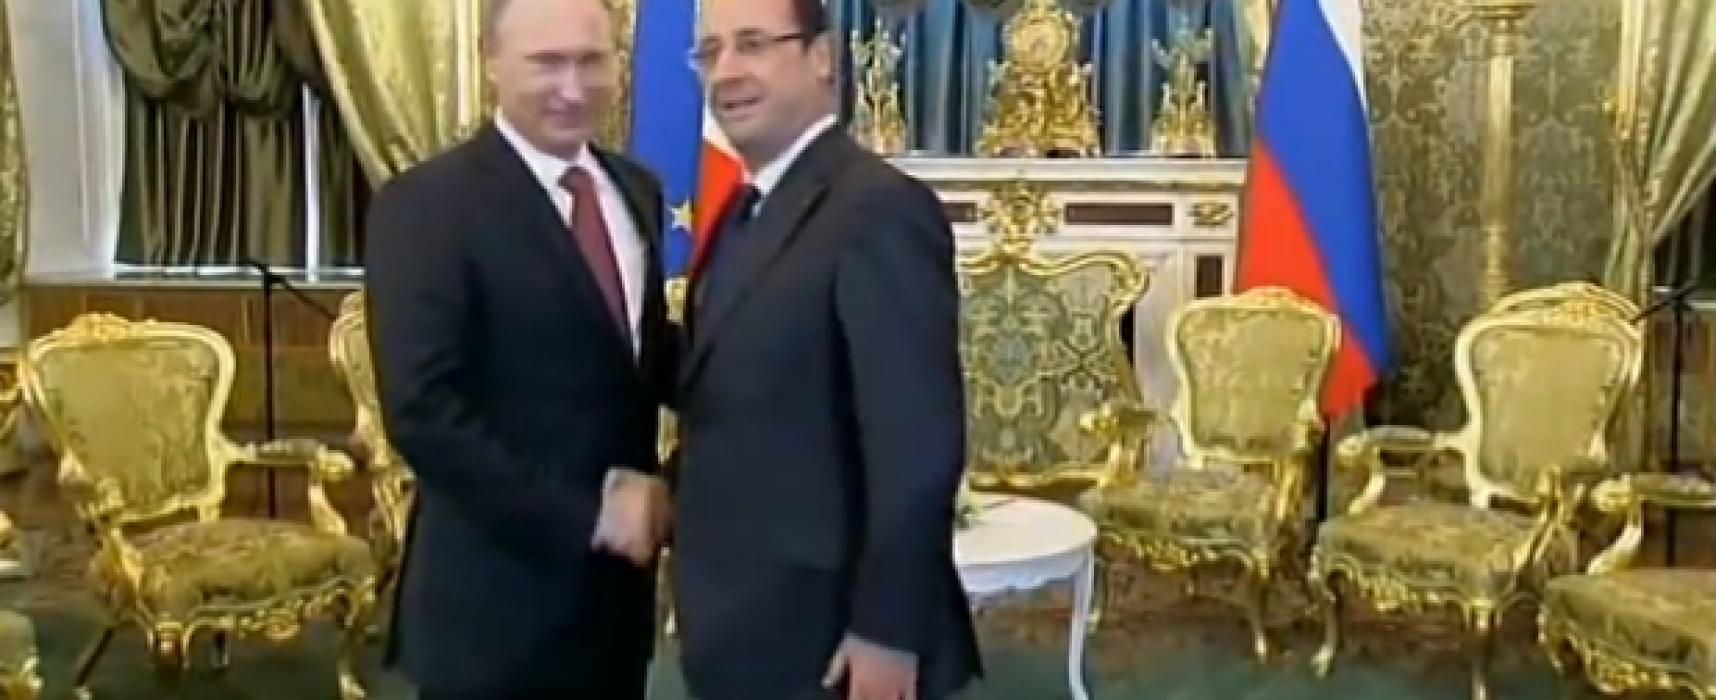 Как Кремль применяет мягкую силу во Франции